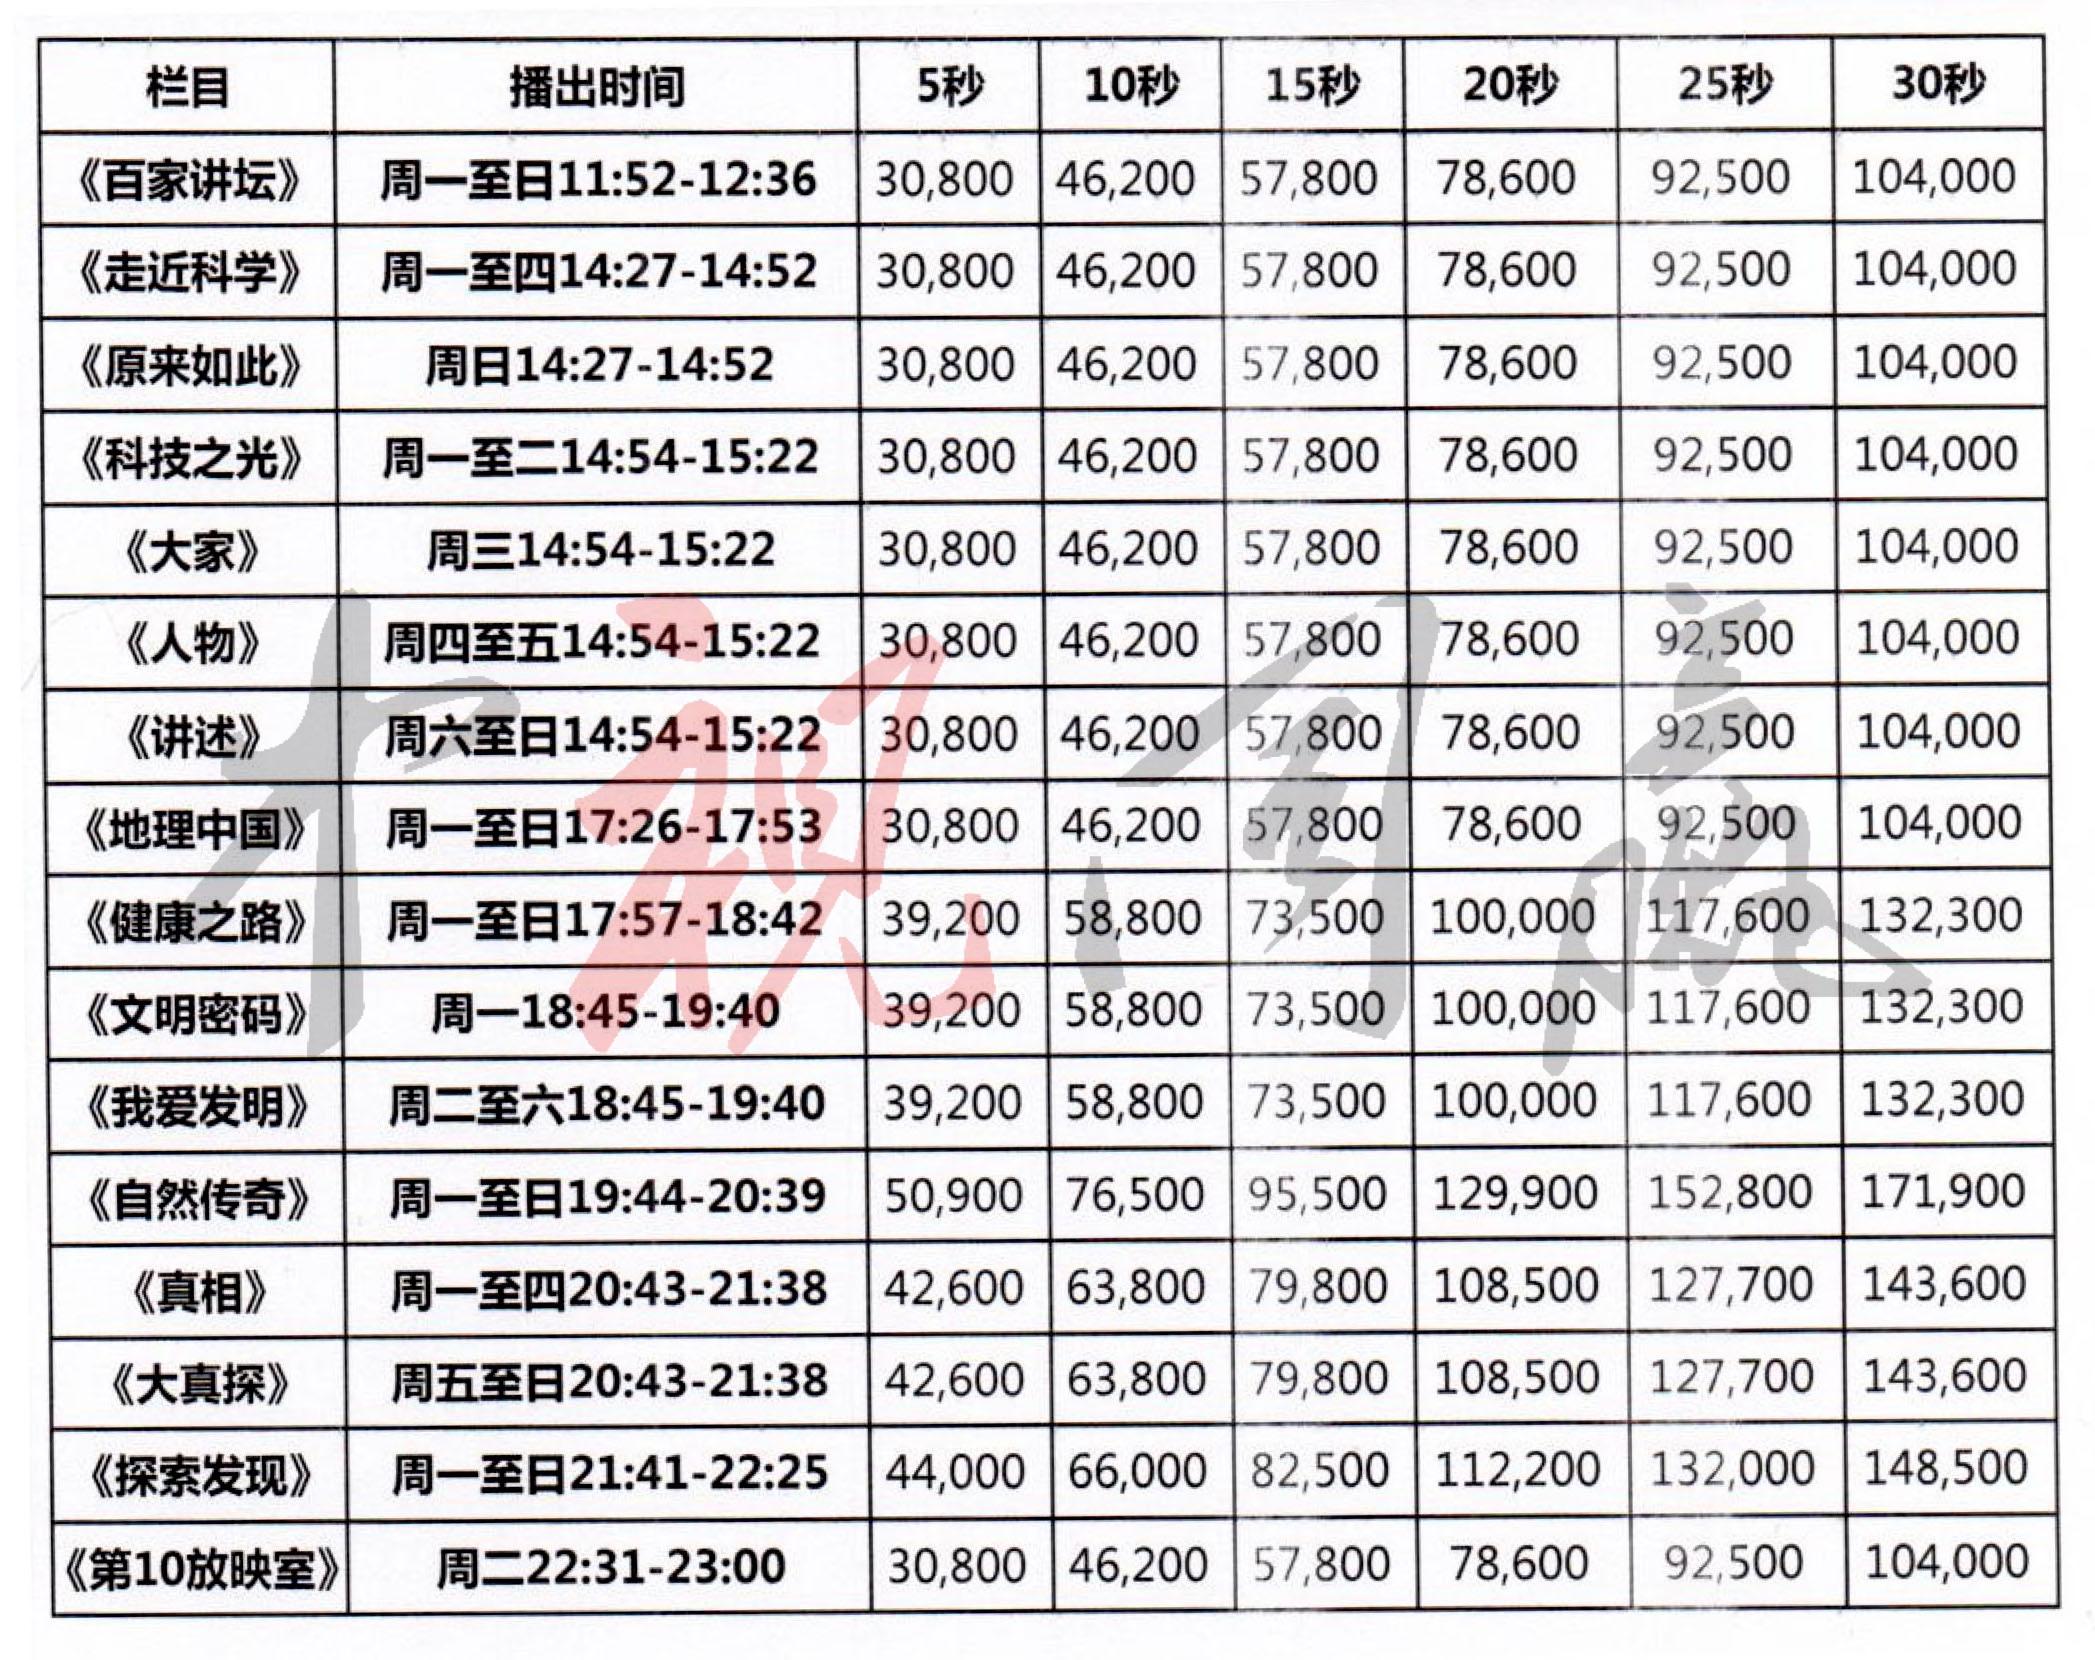 2019年CCTV-10栏目广告刊例价格表@中视同赢